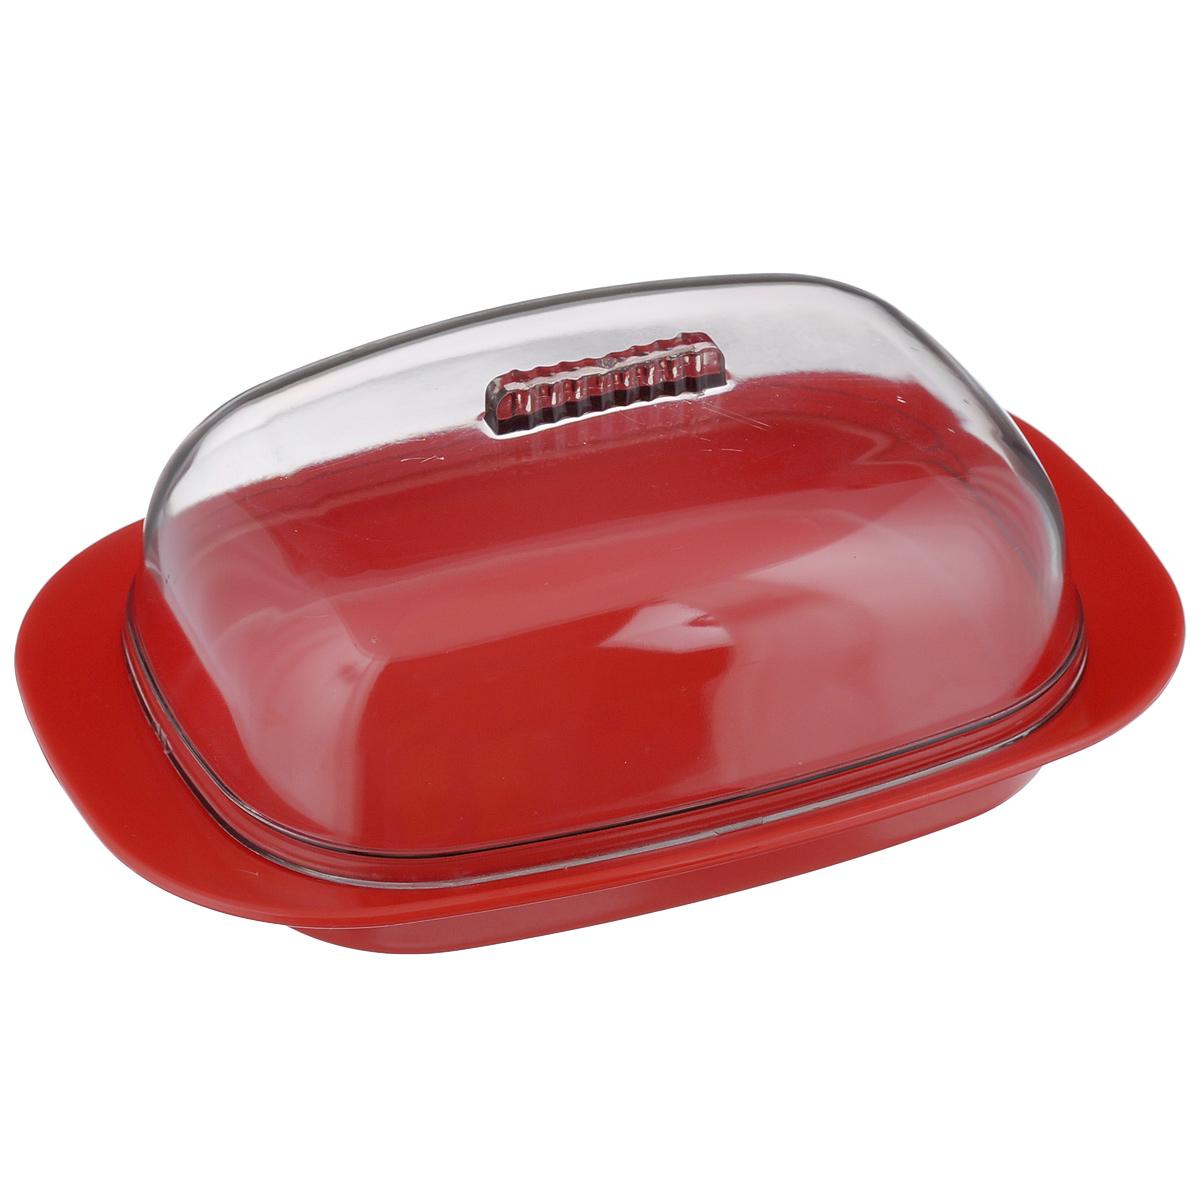 Масленка Idea, цвет: красный, прозрачныйМ 1125Масленка Idea, выполненная из высококачественного полипропилена и полистирола, предназначена для хранения масла. Она состоит из подноса и прозрачной крышки с ручкой. На подносе имеются специальные выемки, благодаря которым крышка легко на него устанавливается. Благодаря такой масленке ваше масло всегда будет свежим. Нельзя мыть в посудомоечной машине. Размер подноса: 18,5 см х 12,5 см х 2,5 см. Размер крышки: 15 см х 10 см х 5 см.